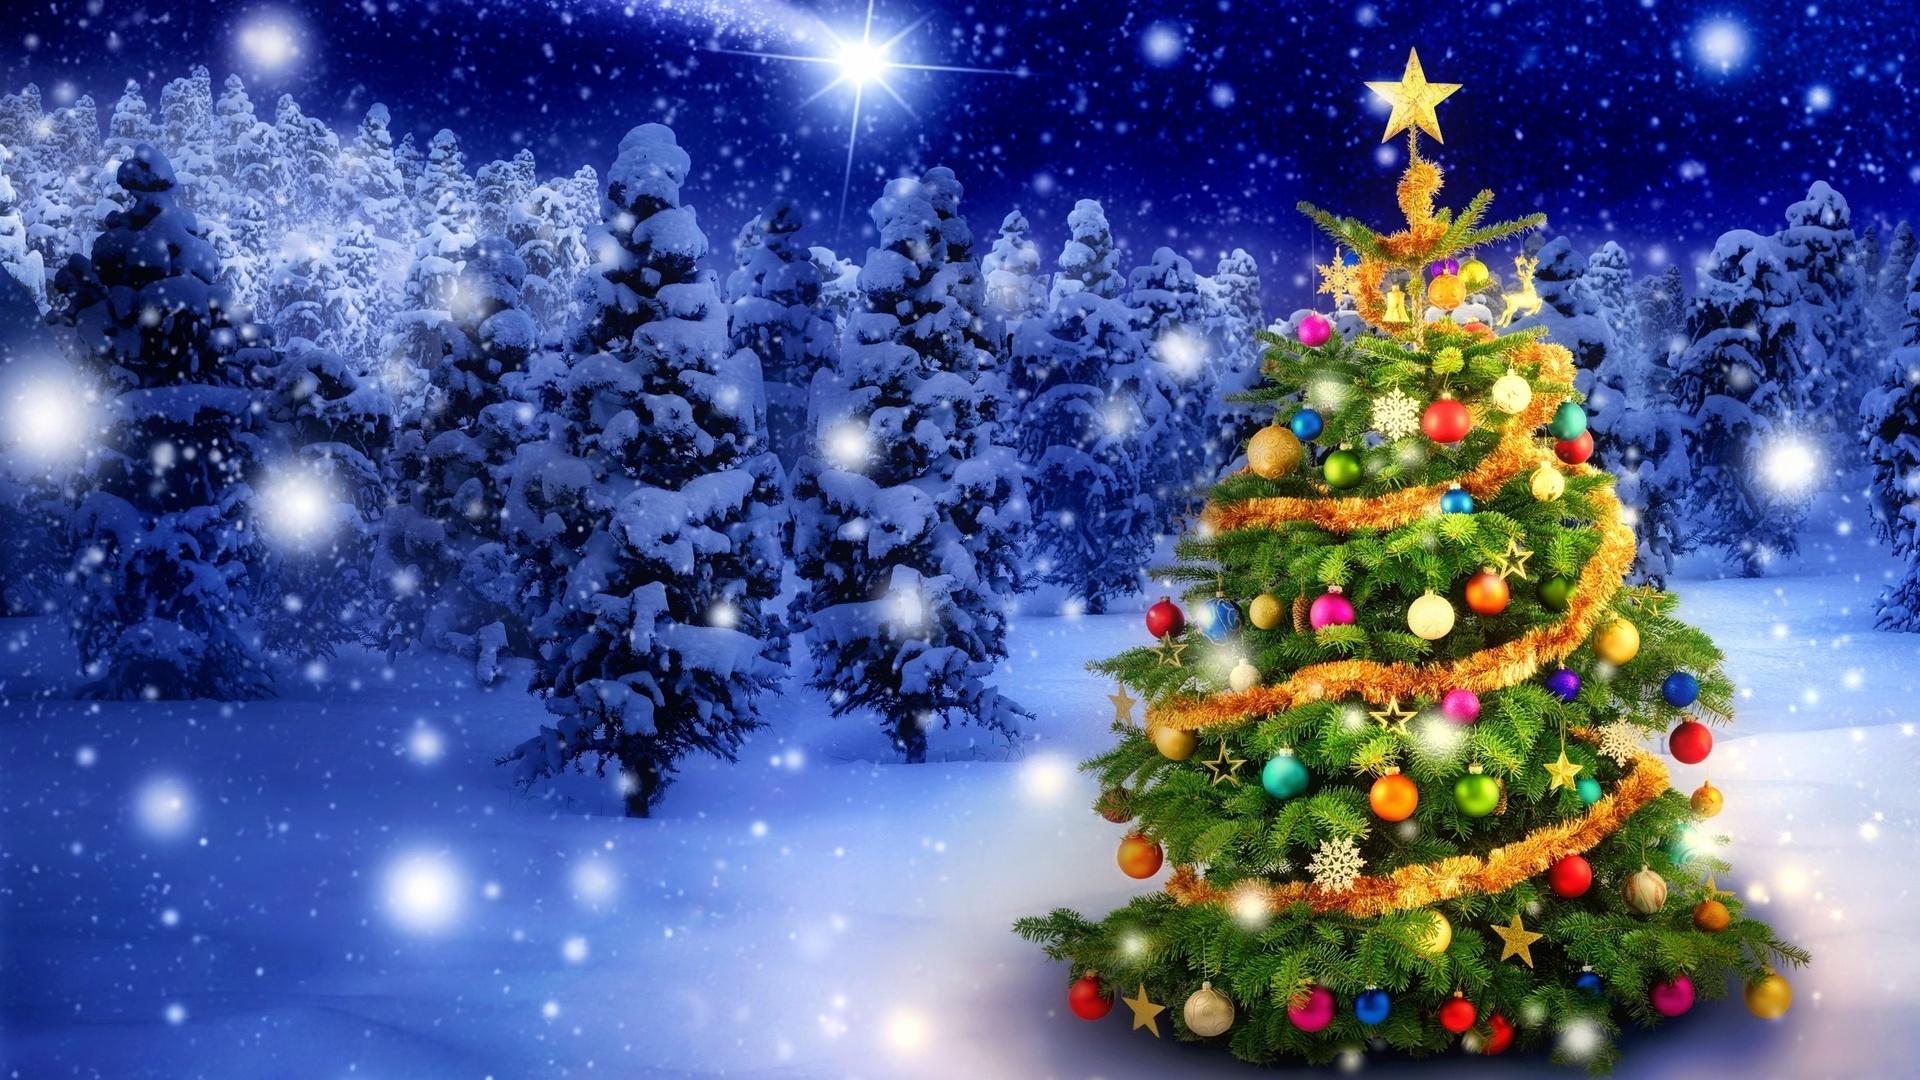 новогодний лес поздравления солнце